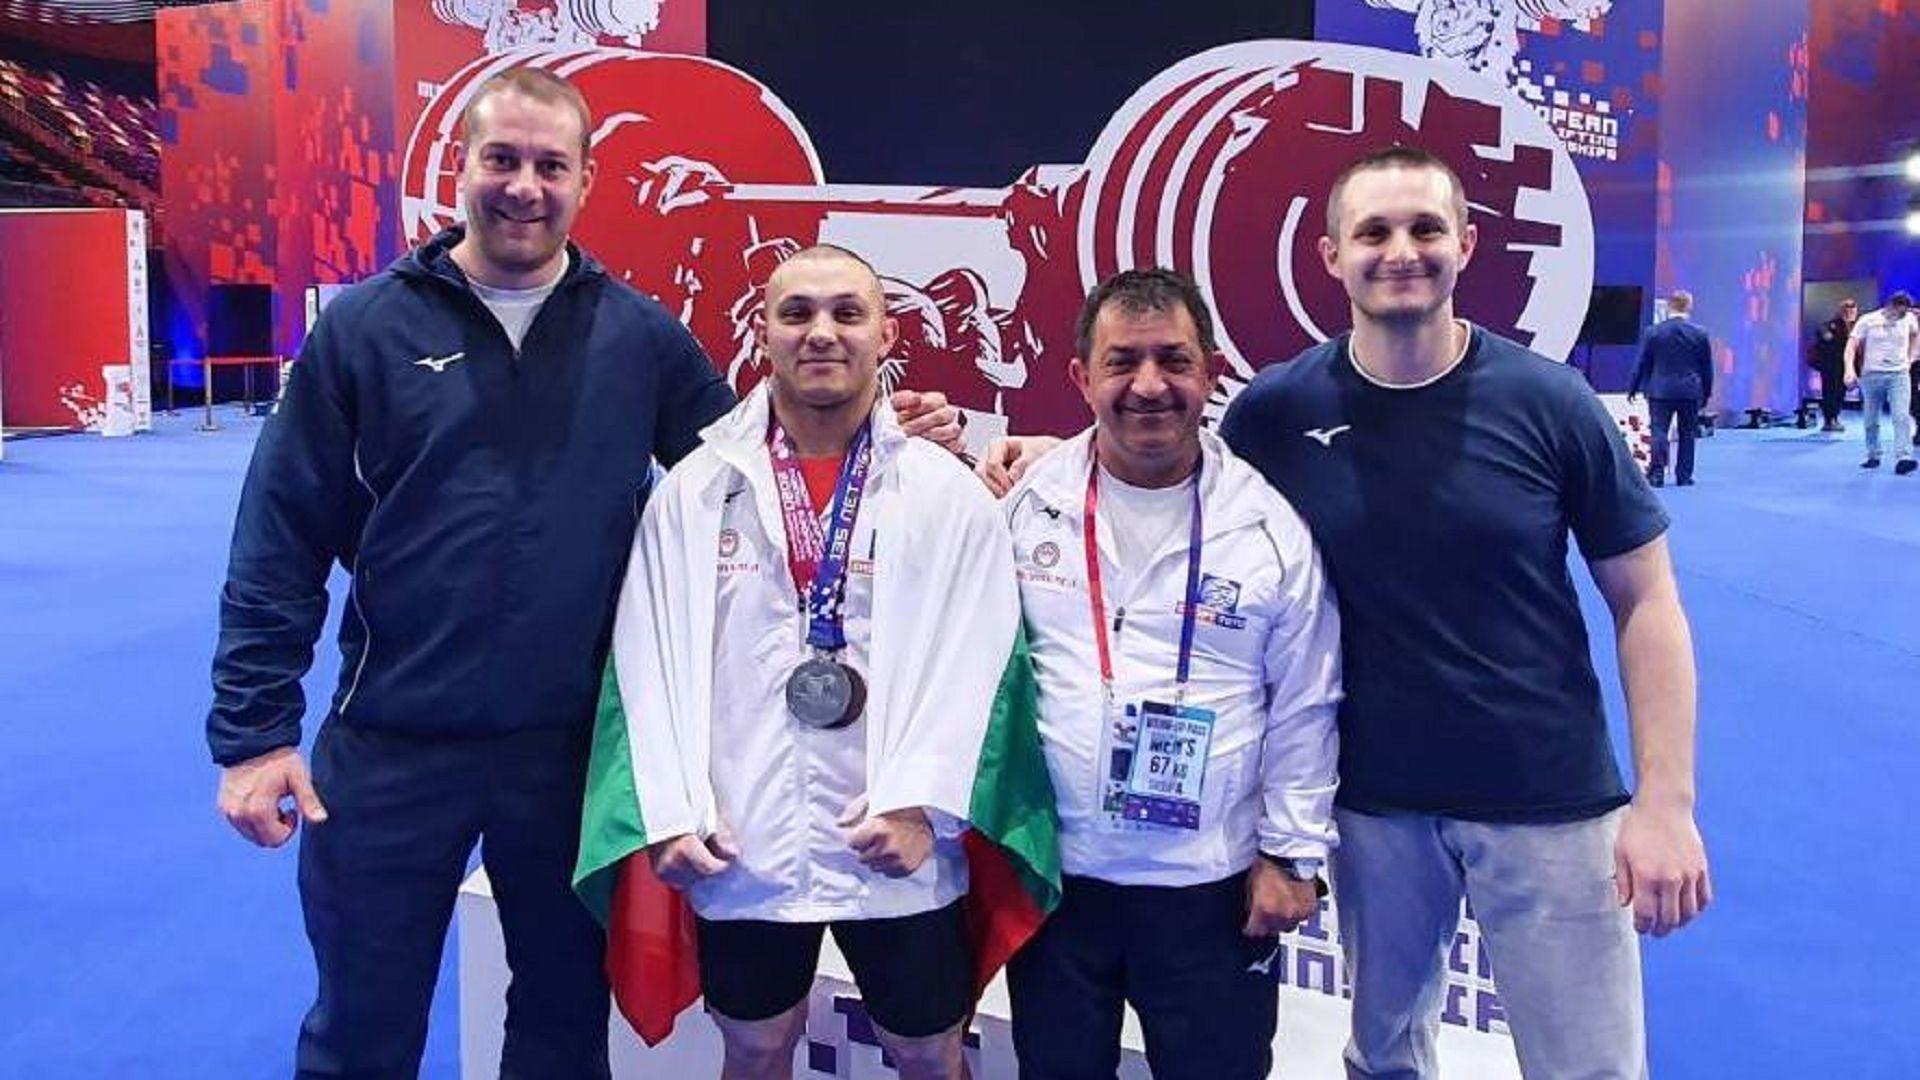 Трети ден България на подиума на Европейското: Щангист дебютант спечели бронз